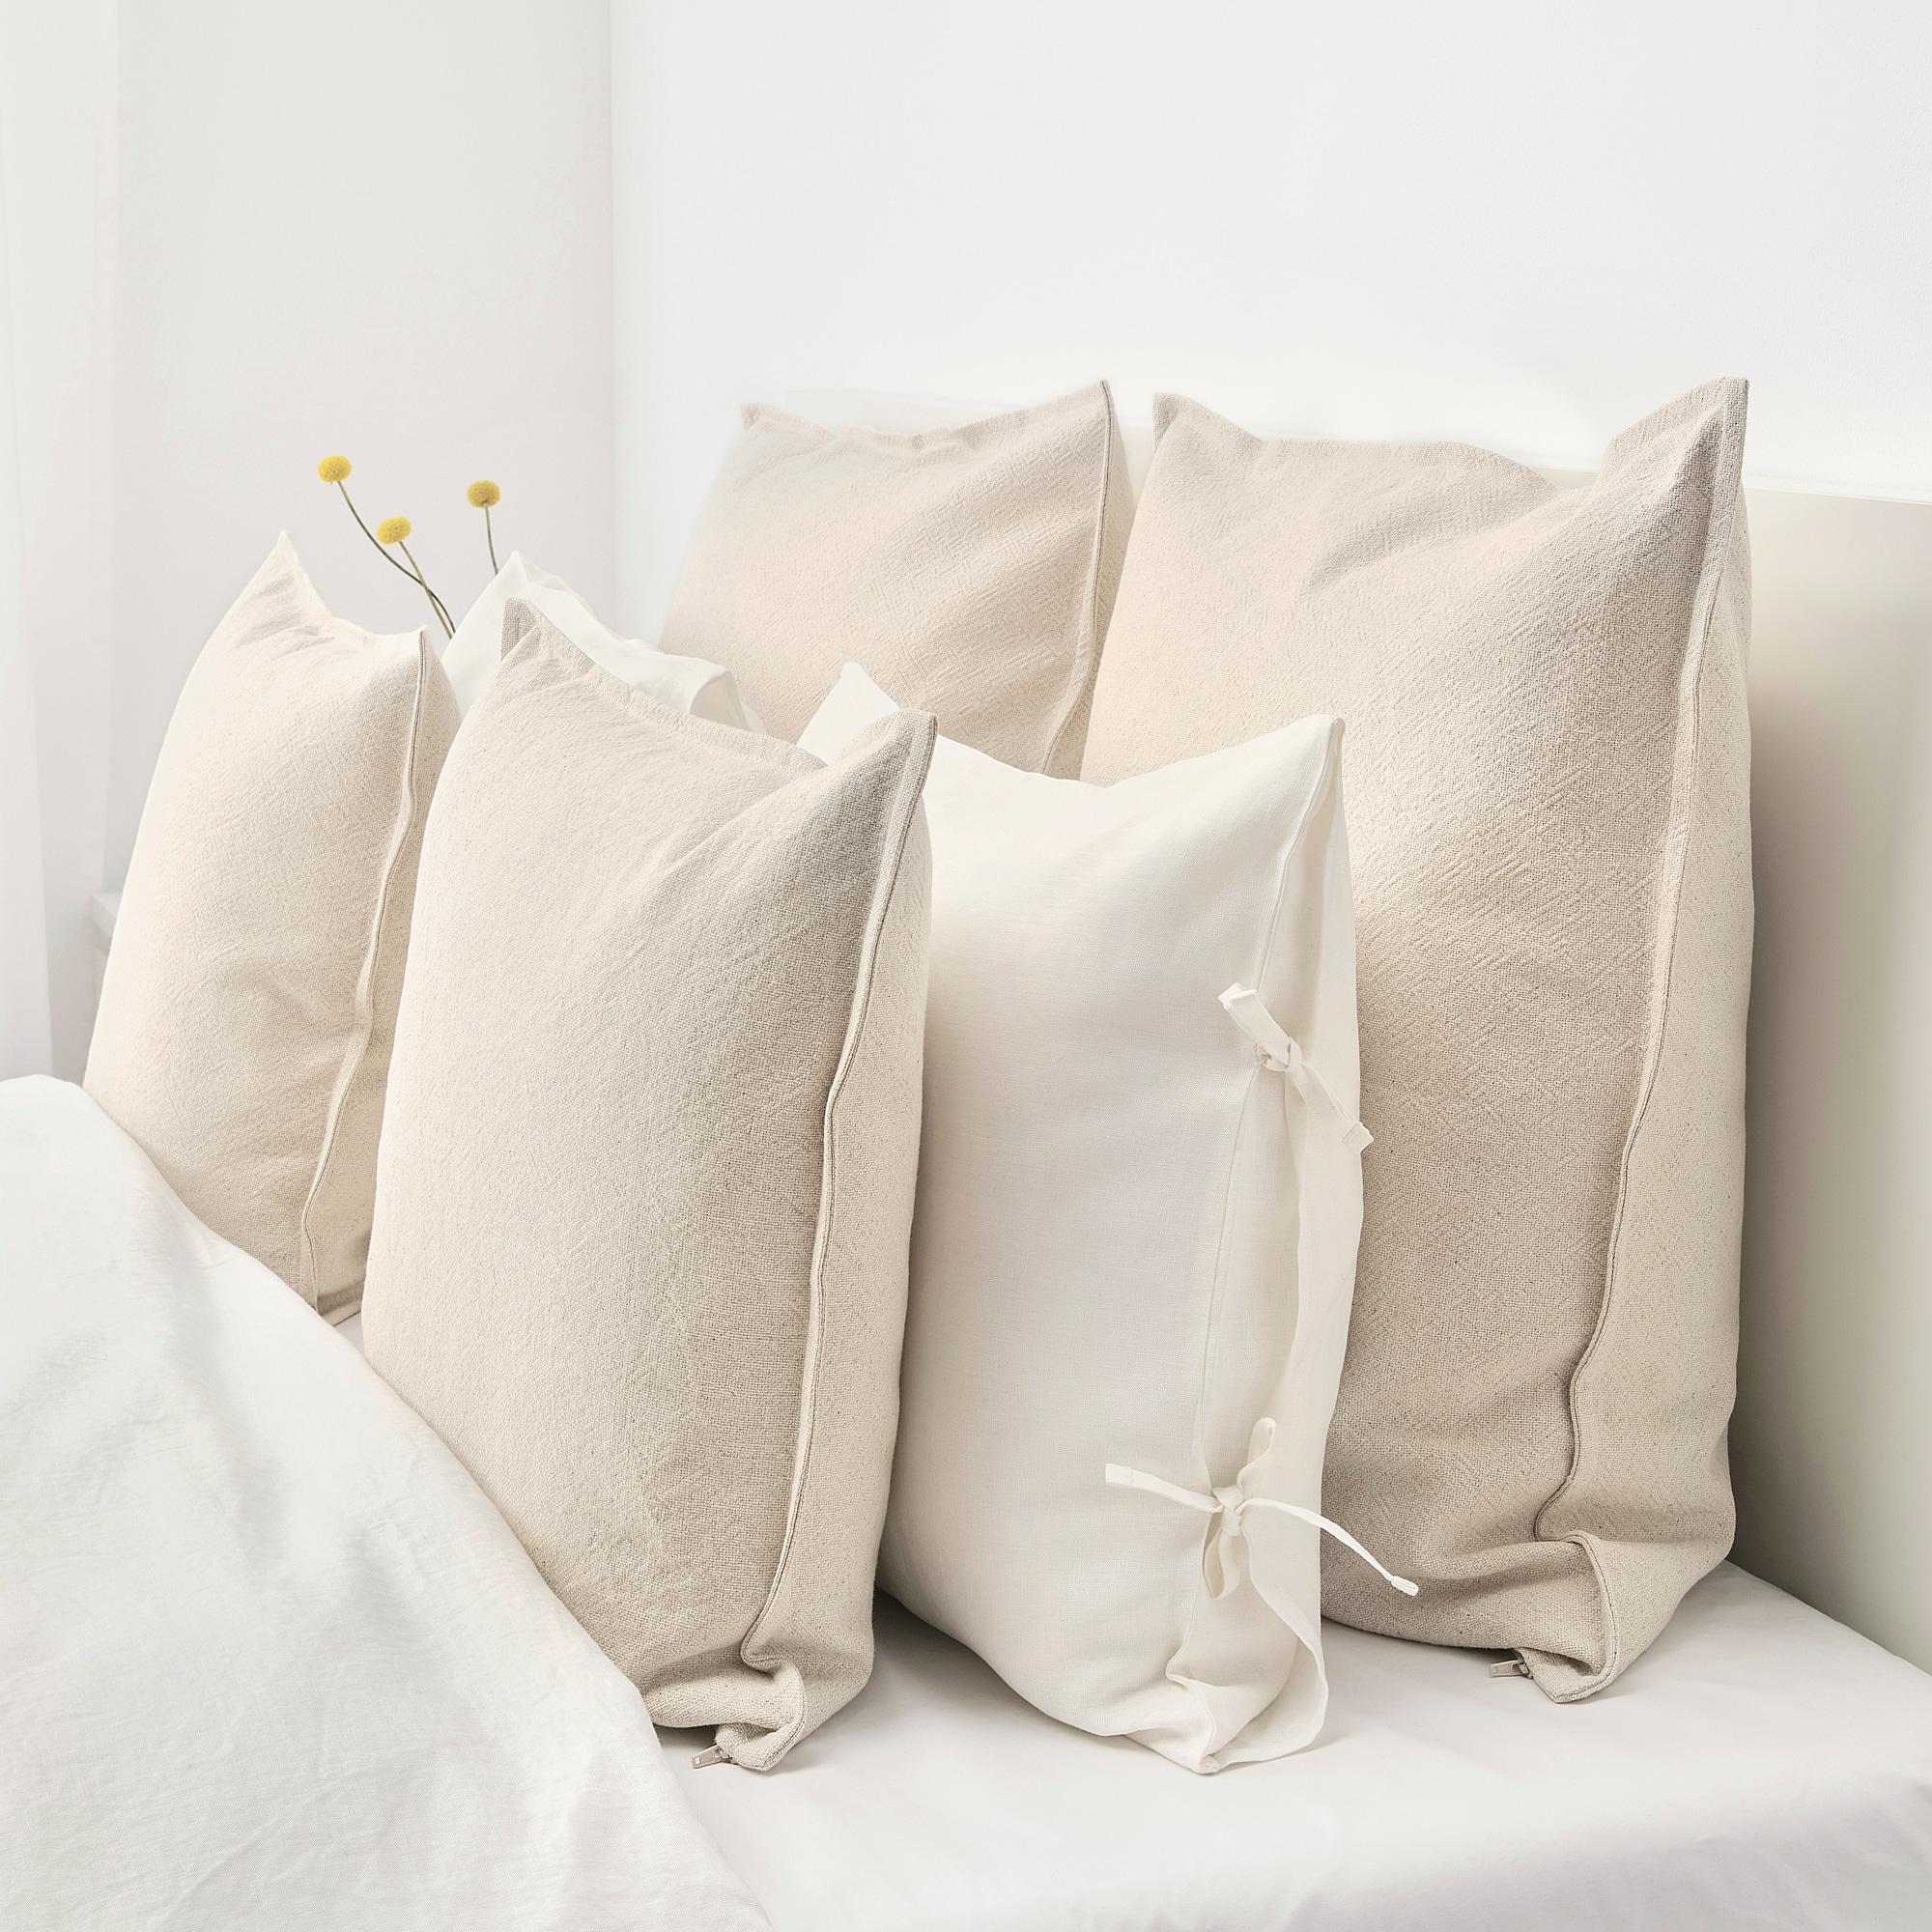 Jofrid Kissenbezug Natur Ikea Produkte Grosse Kissen Und